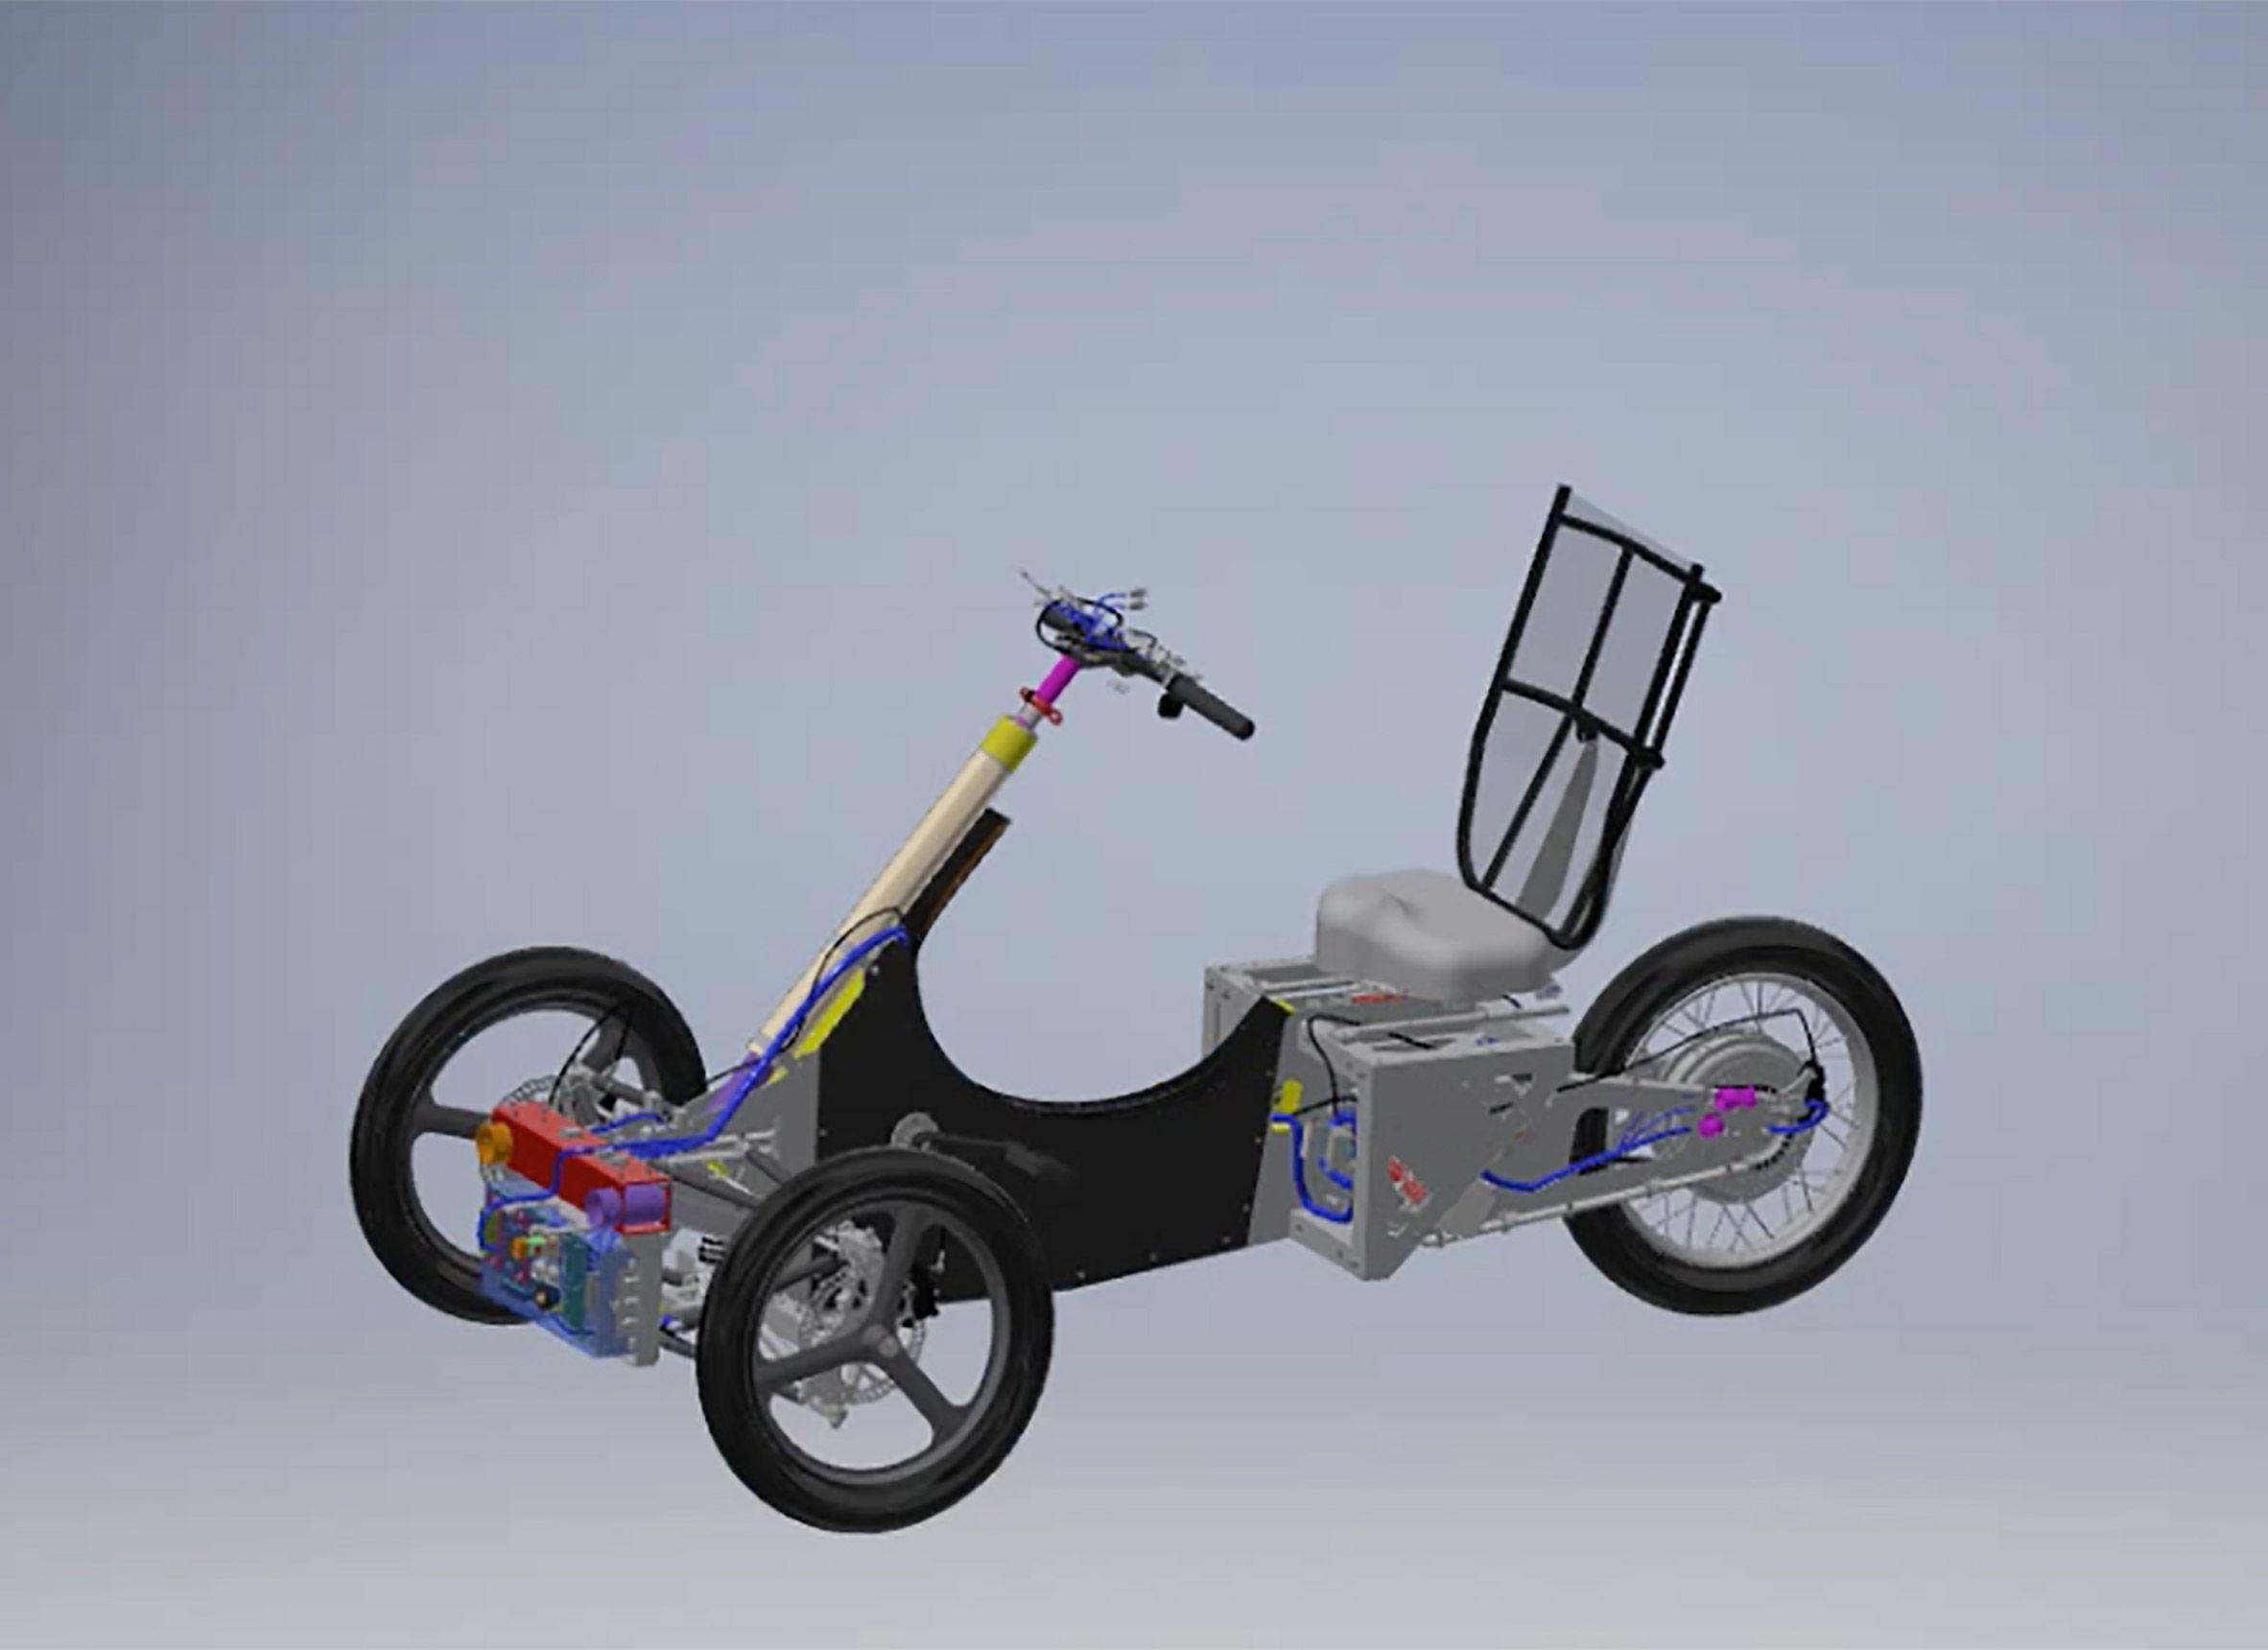 Digital prototype of Velometro Mobility's Veemo Vehicles